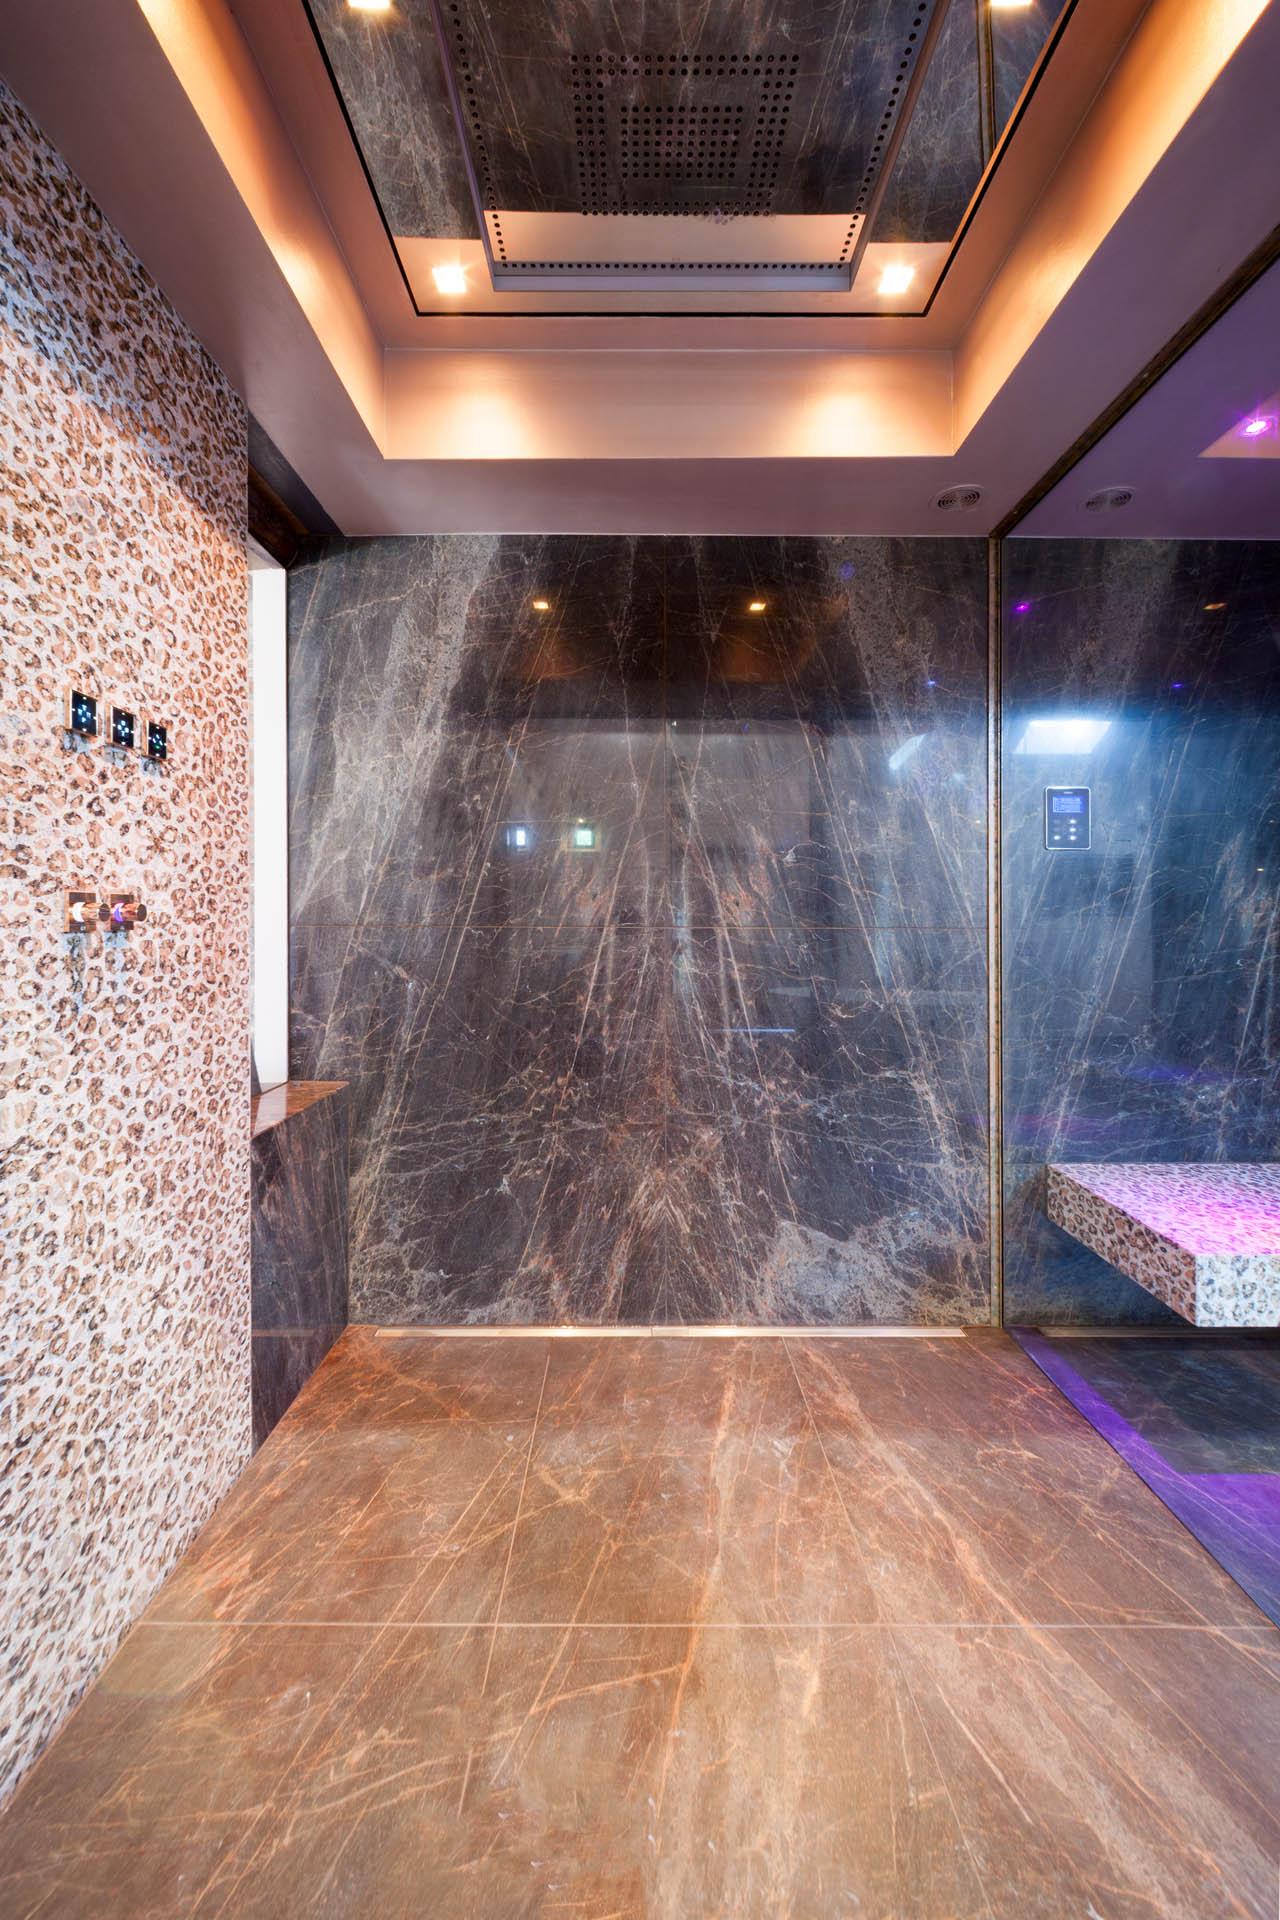 Der Duschboden ist gesandstrahlt um eine Rutschfestigkeit zu gewährleisten